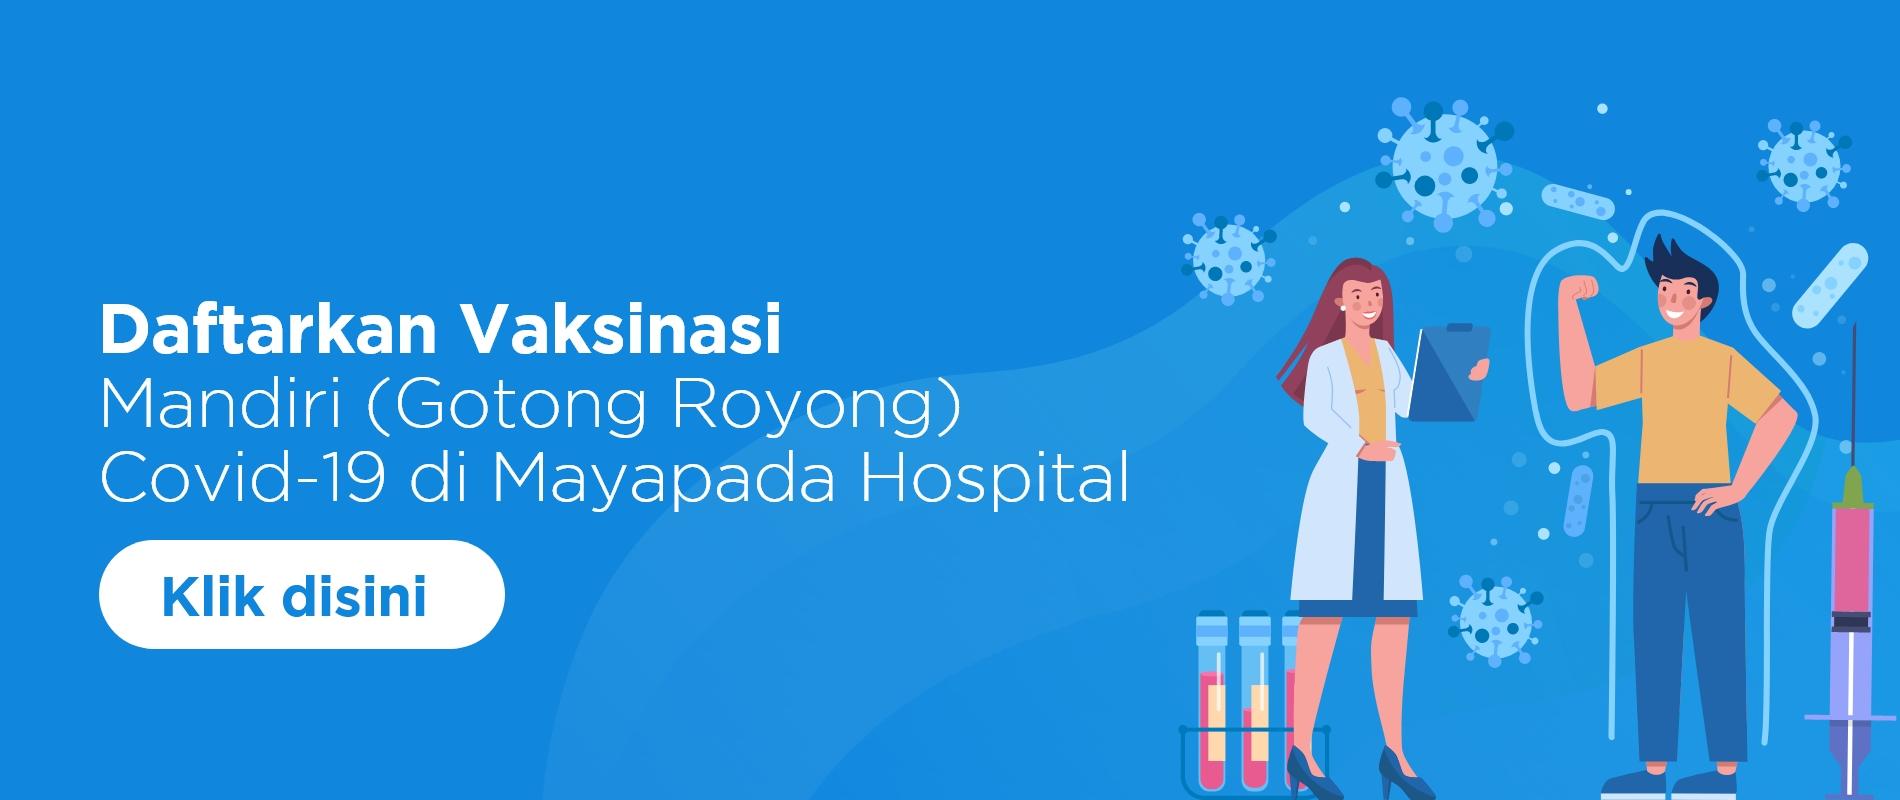 Mayapada Hospital   Pendaftaran Vaksinasi Mandiri Covid-19 ...